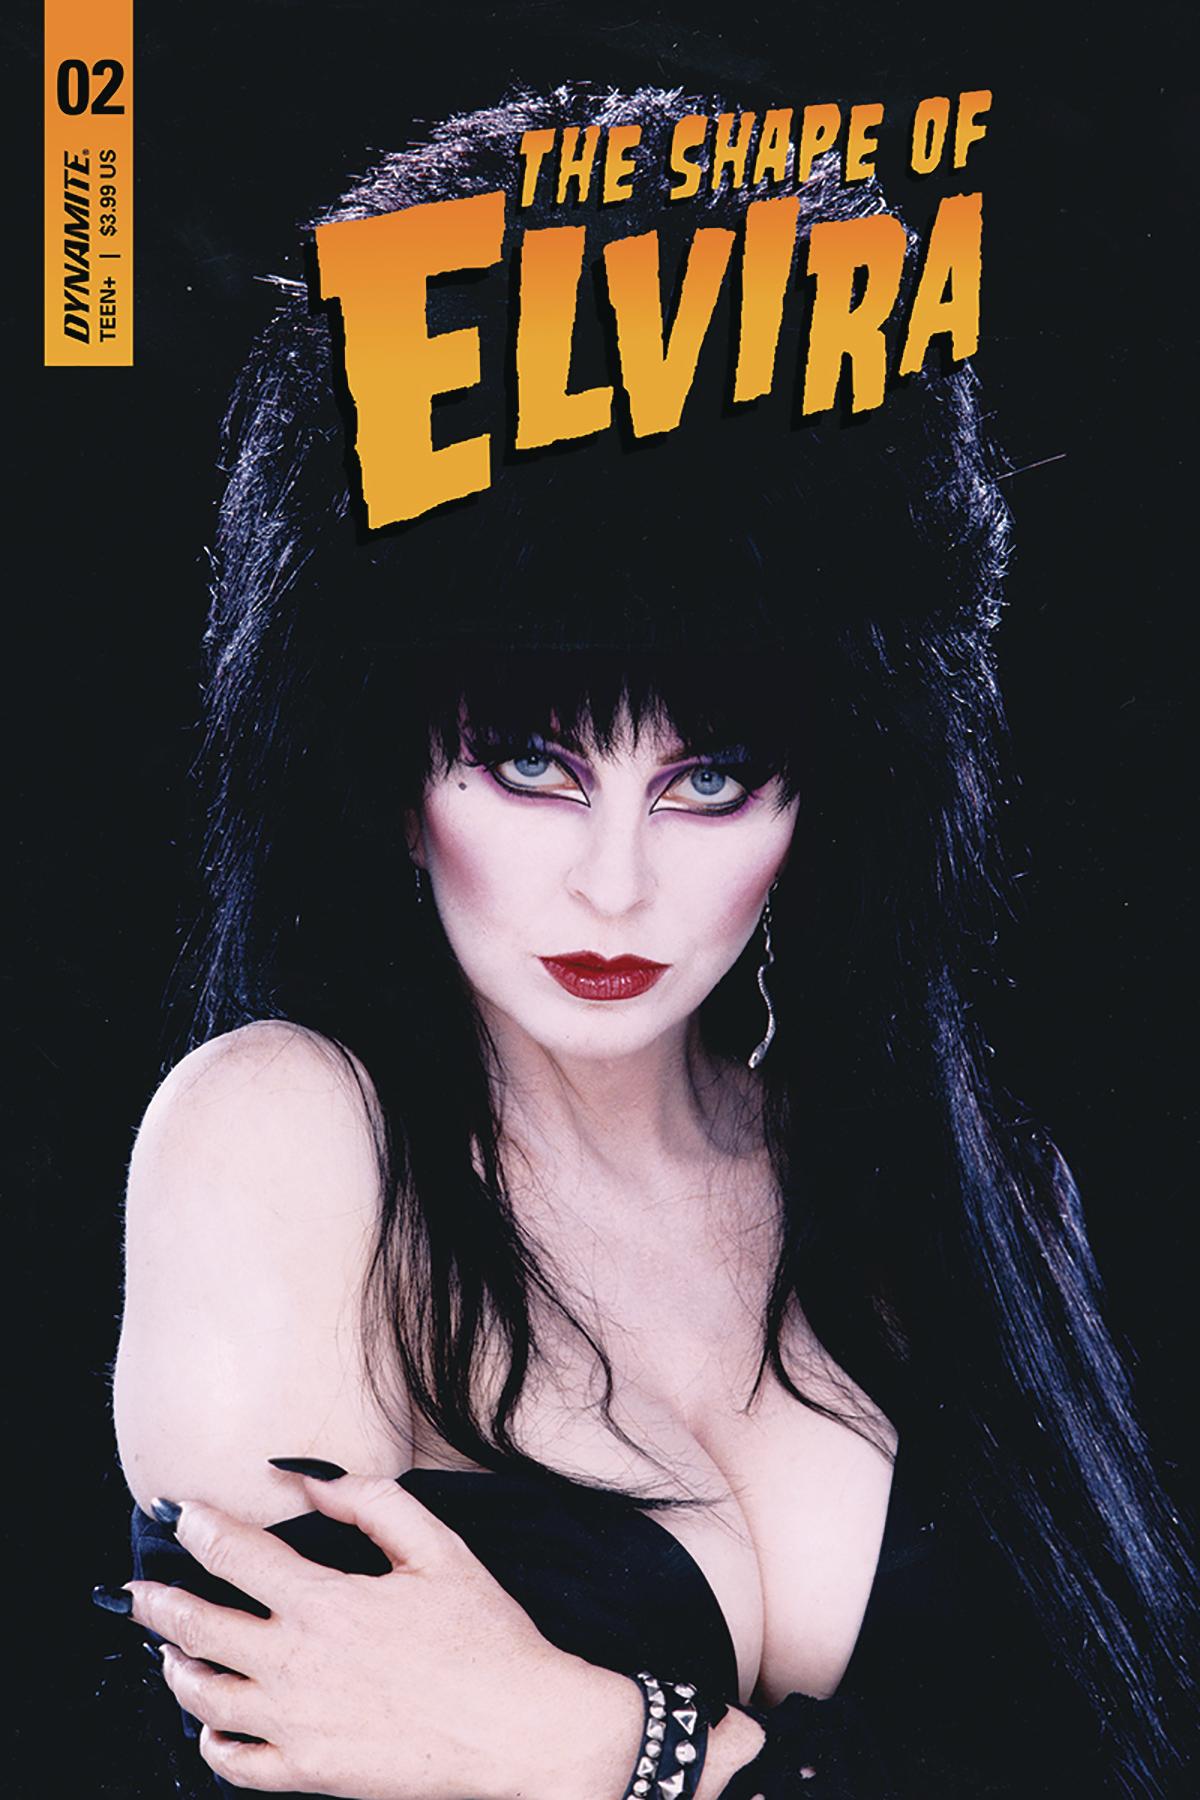 ELVIRA SHAPE OF ELVIRA #2 CVR D PHOTO